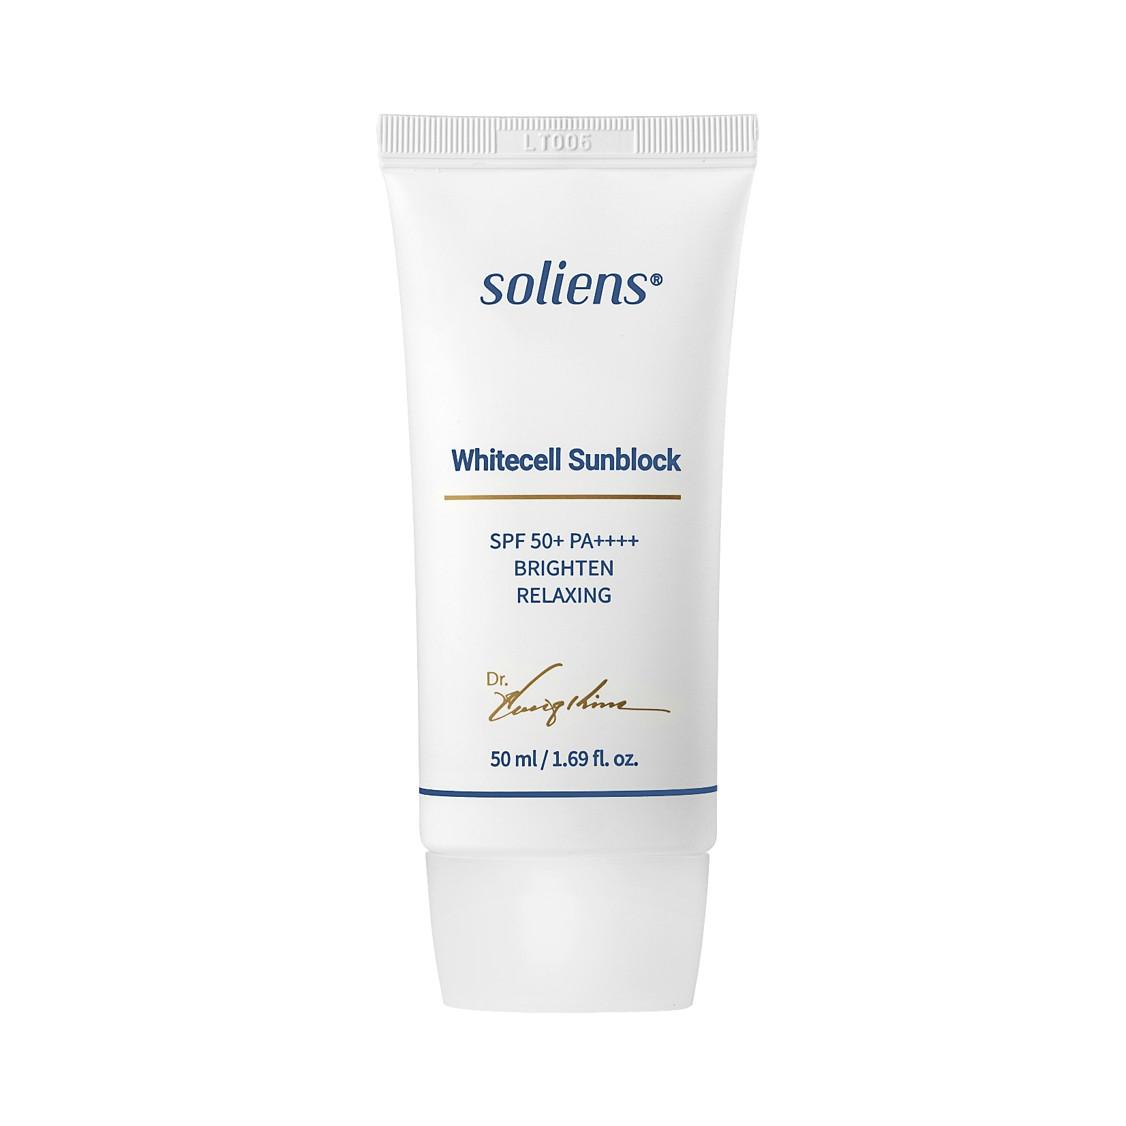 Chăm sóc cao cấp Soliens Whitecell Sunblock  Kem chống nắng làm trắng da Whitecell Sunblock